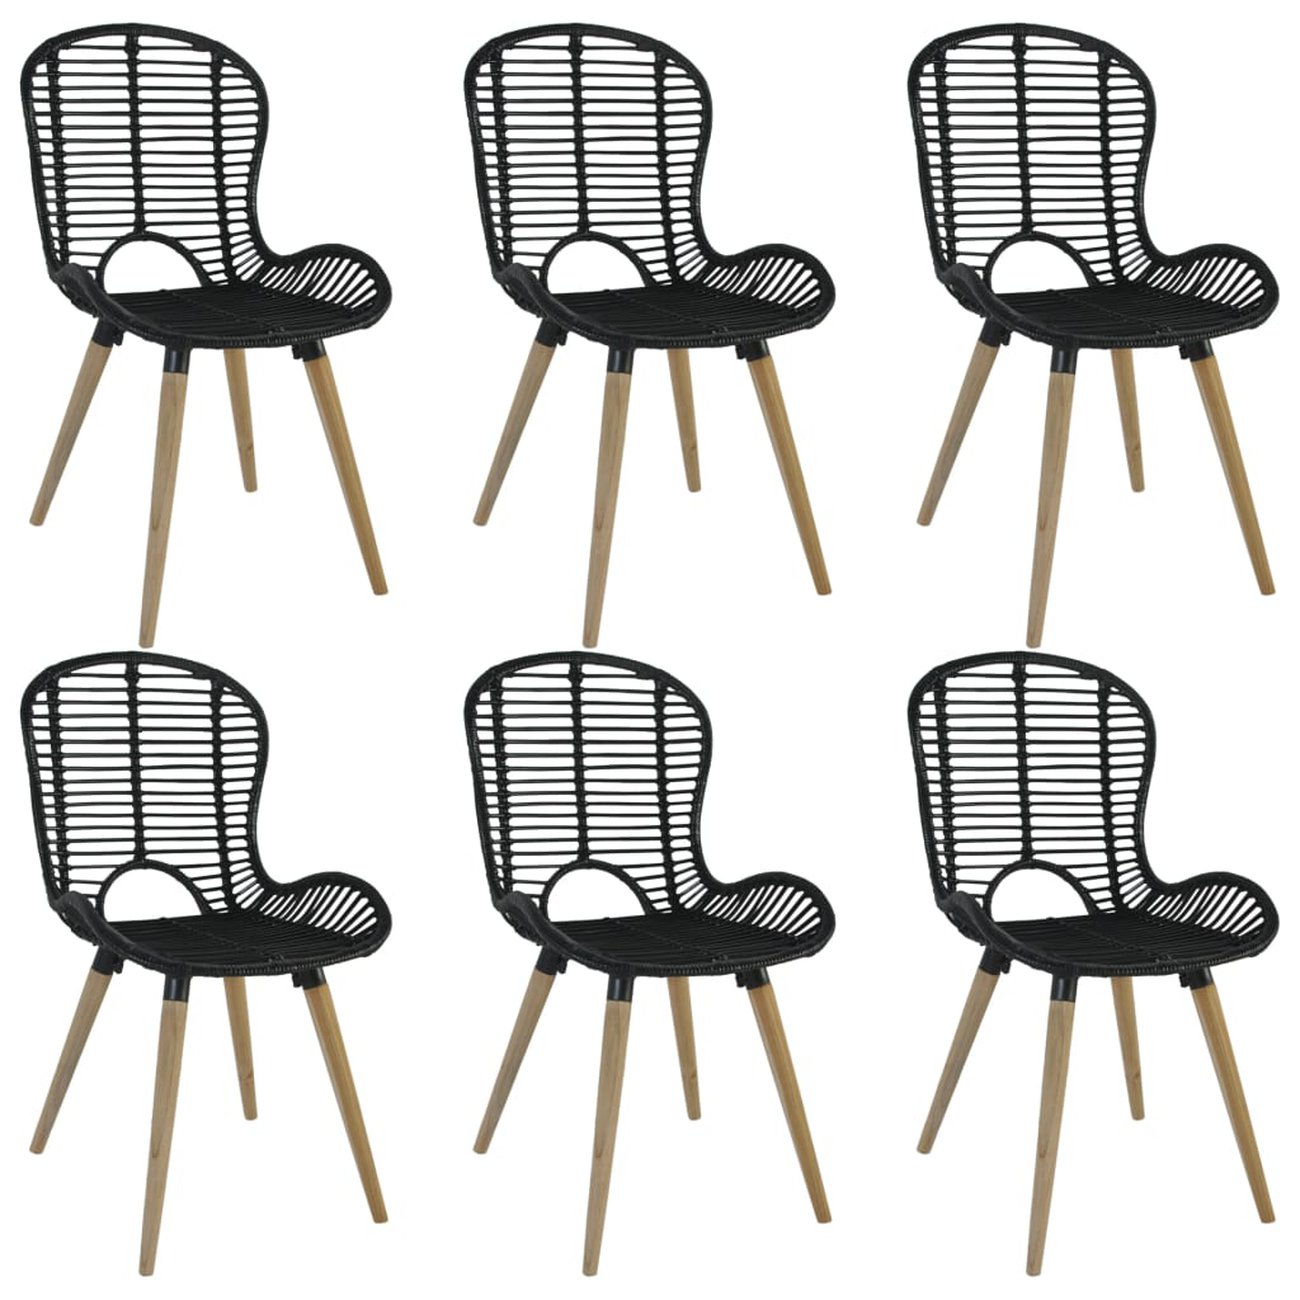 vidaxl chaises a diner dexterieur 6 pcs rotin 48 x 64 x 85 cm noir 1 v1